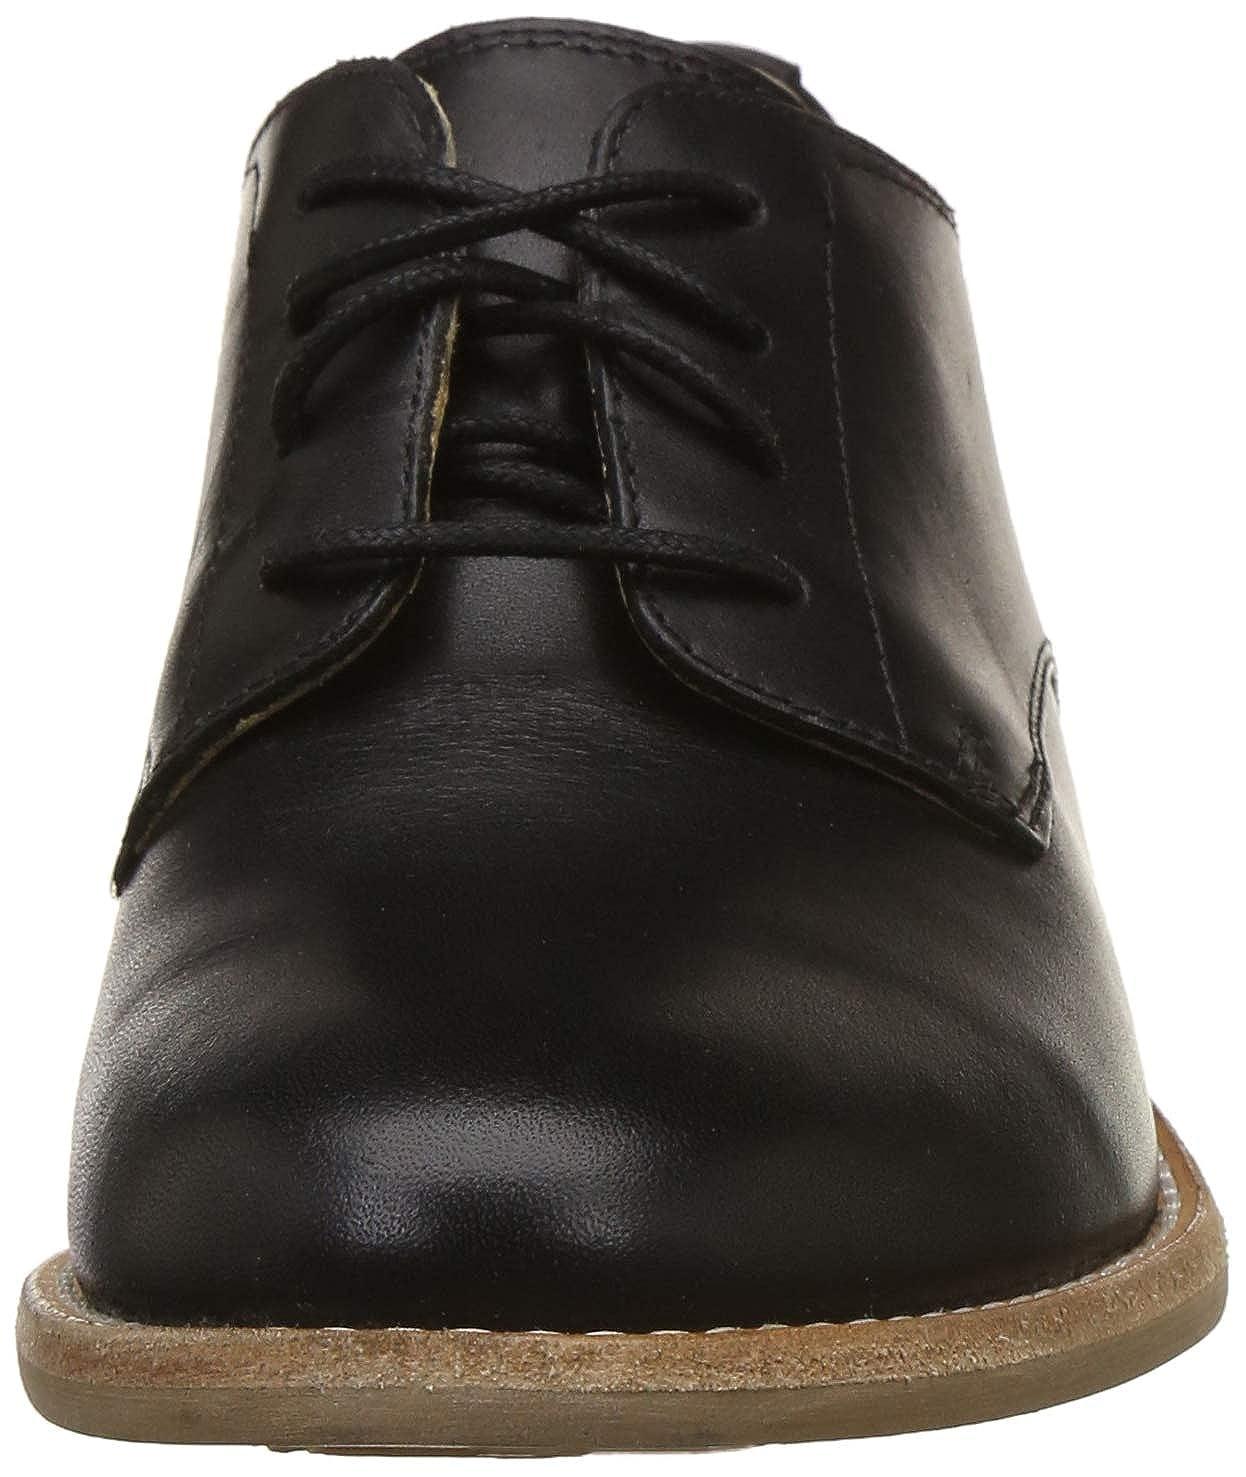 Clarks Damen Schnürhalbschuhe Edenvale Ash Black Leather 26136303